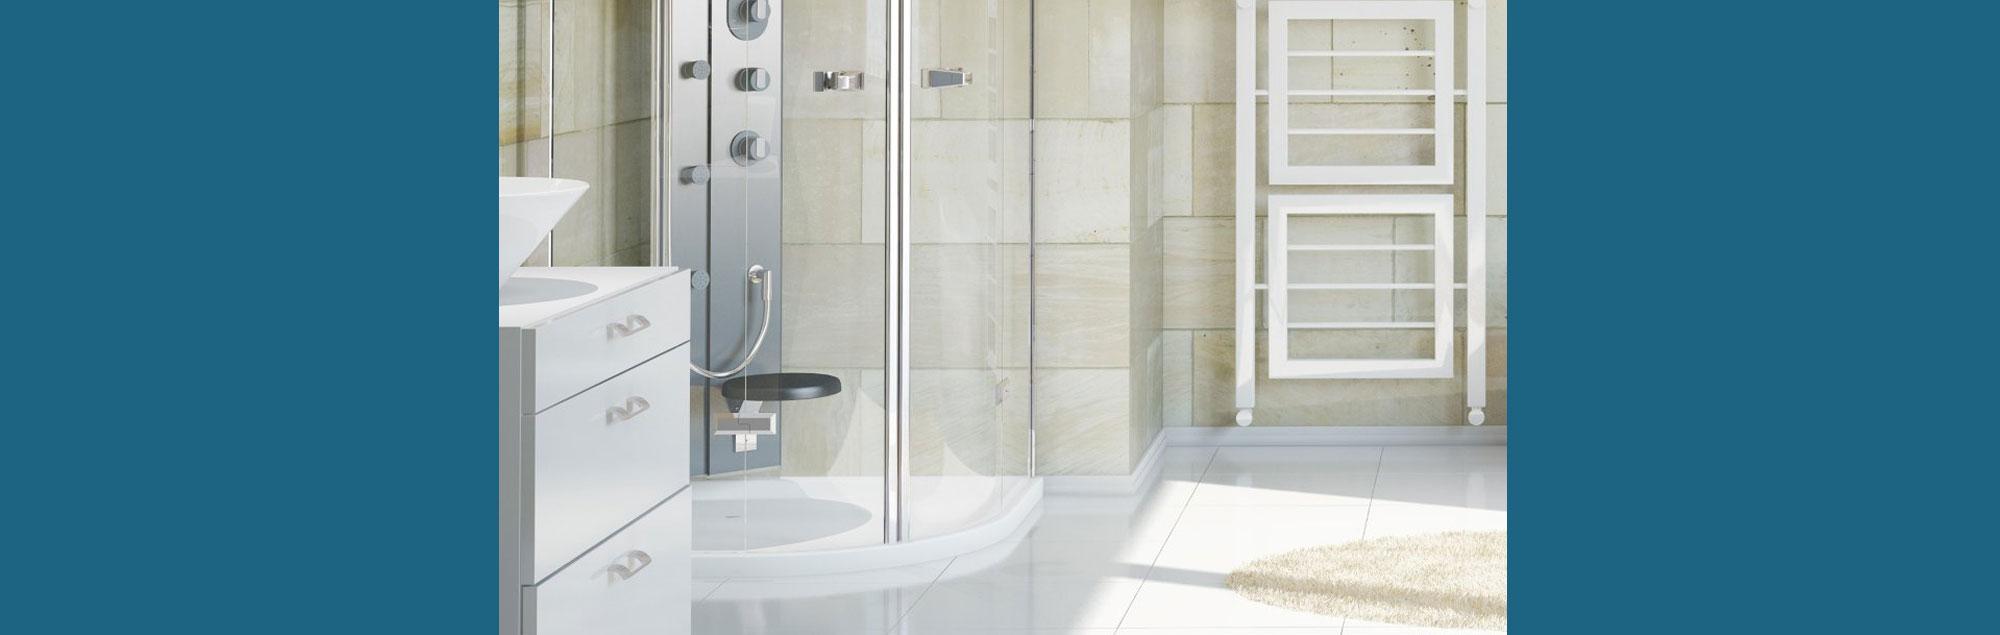 Scharniere für Glastüren dusche